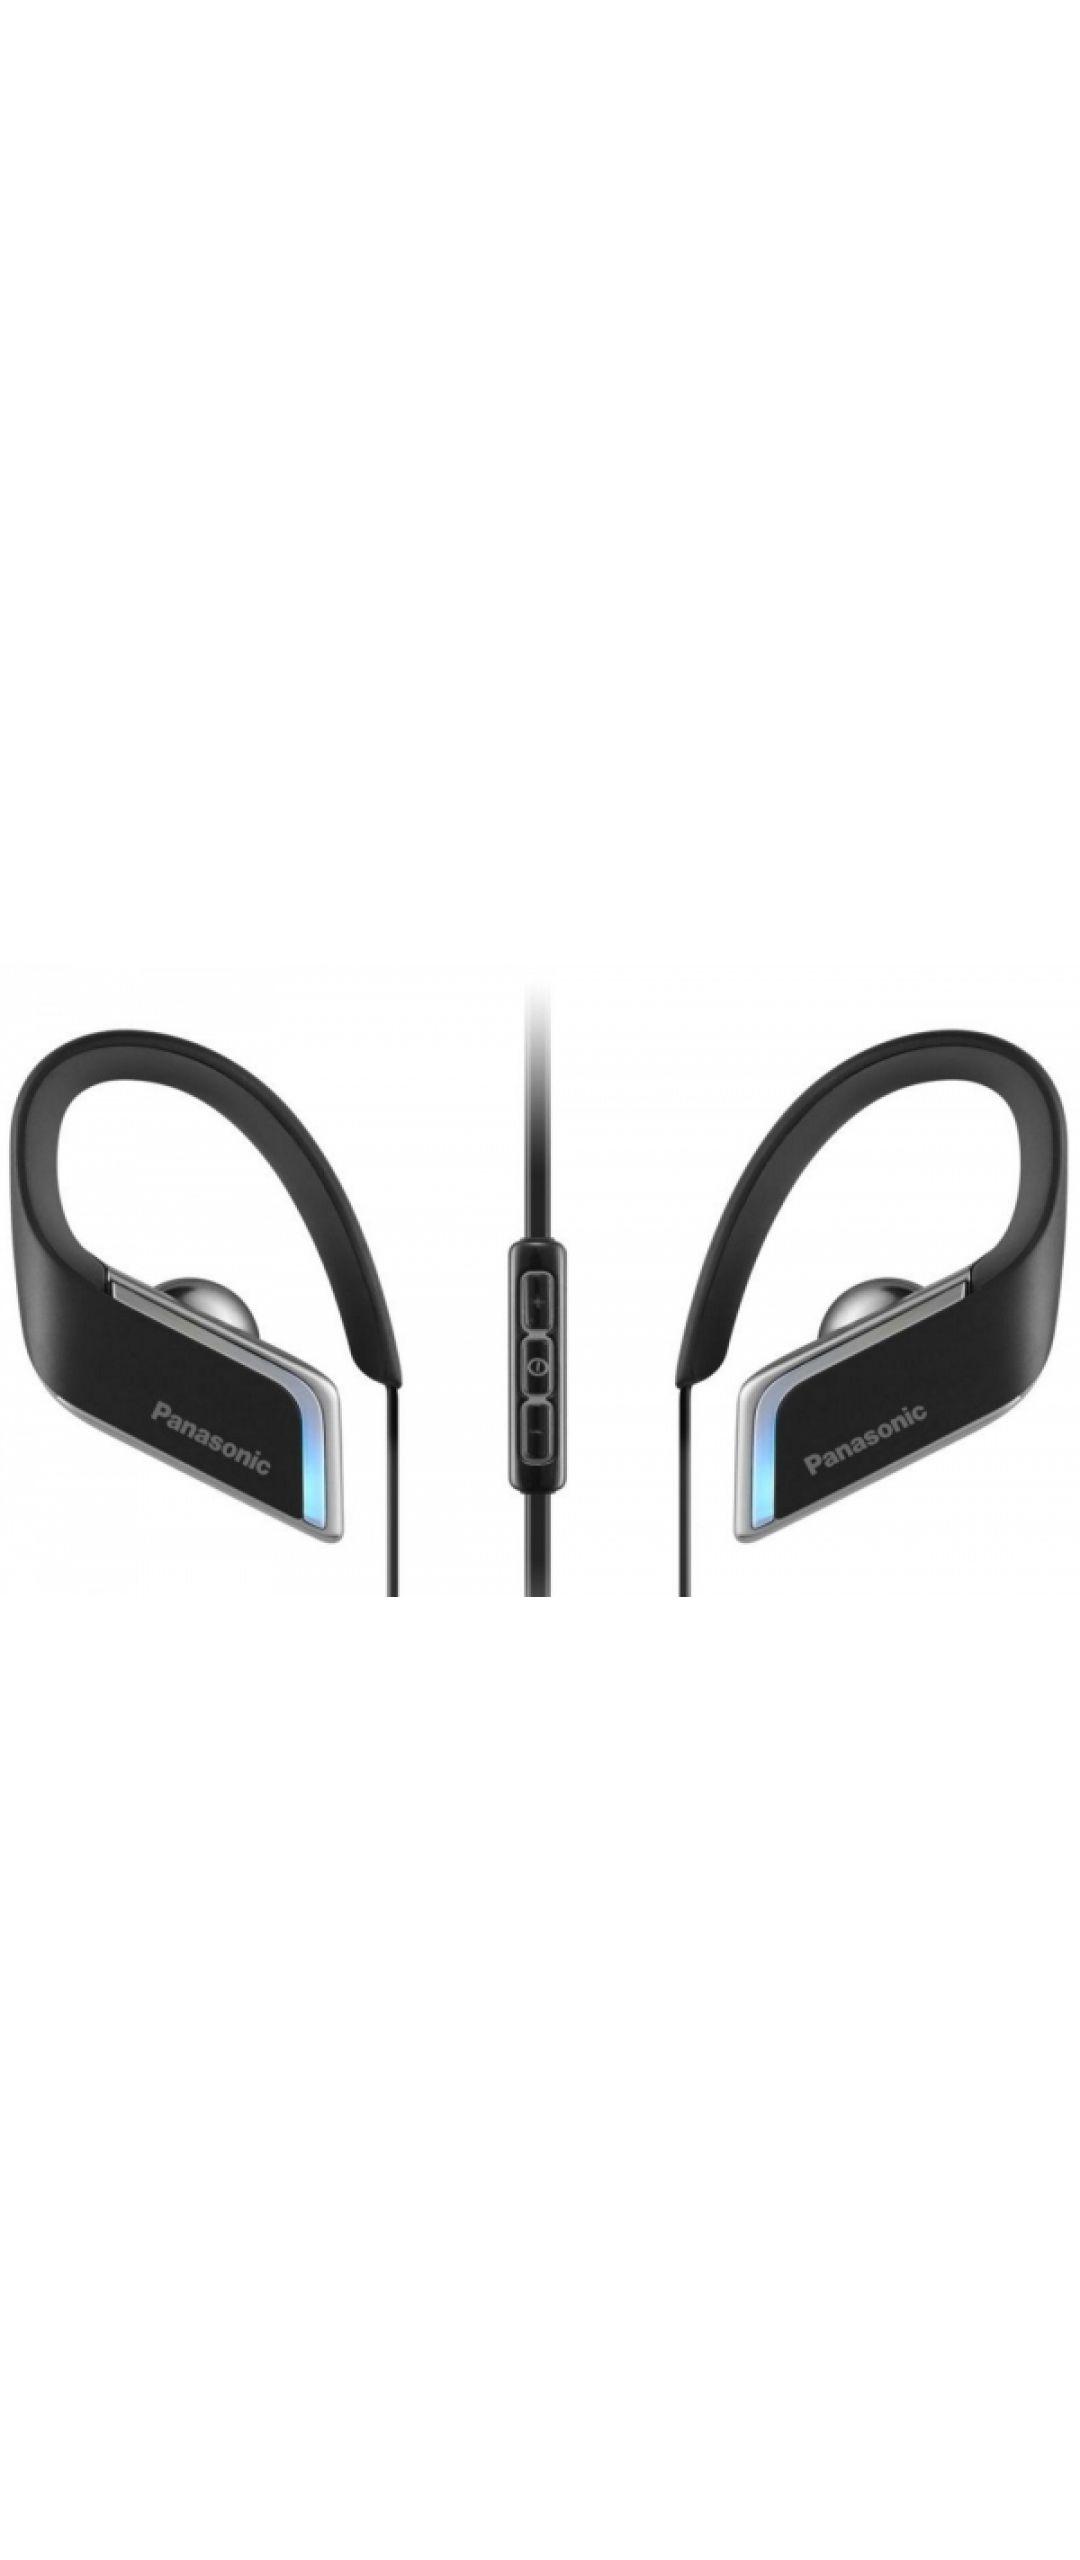 Panasonic presenta audífonos deportivos en forma de alas